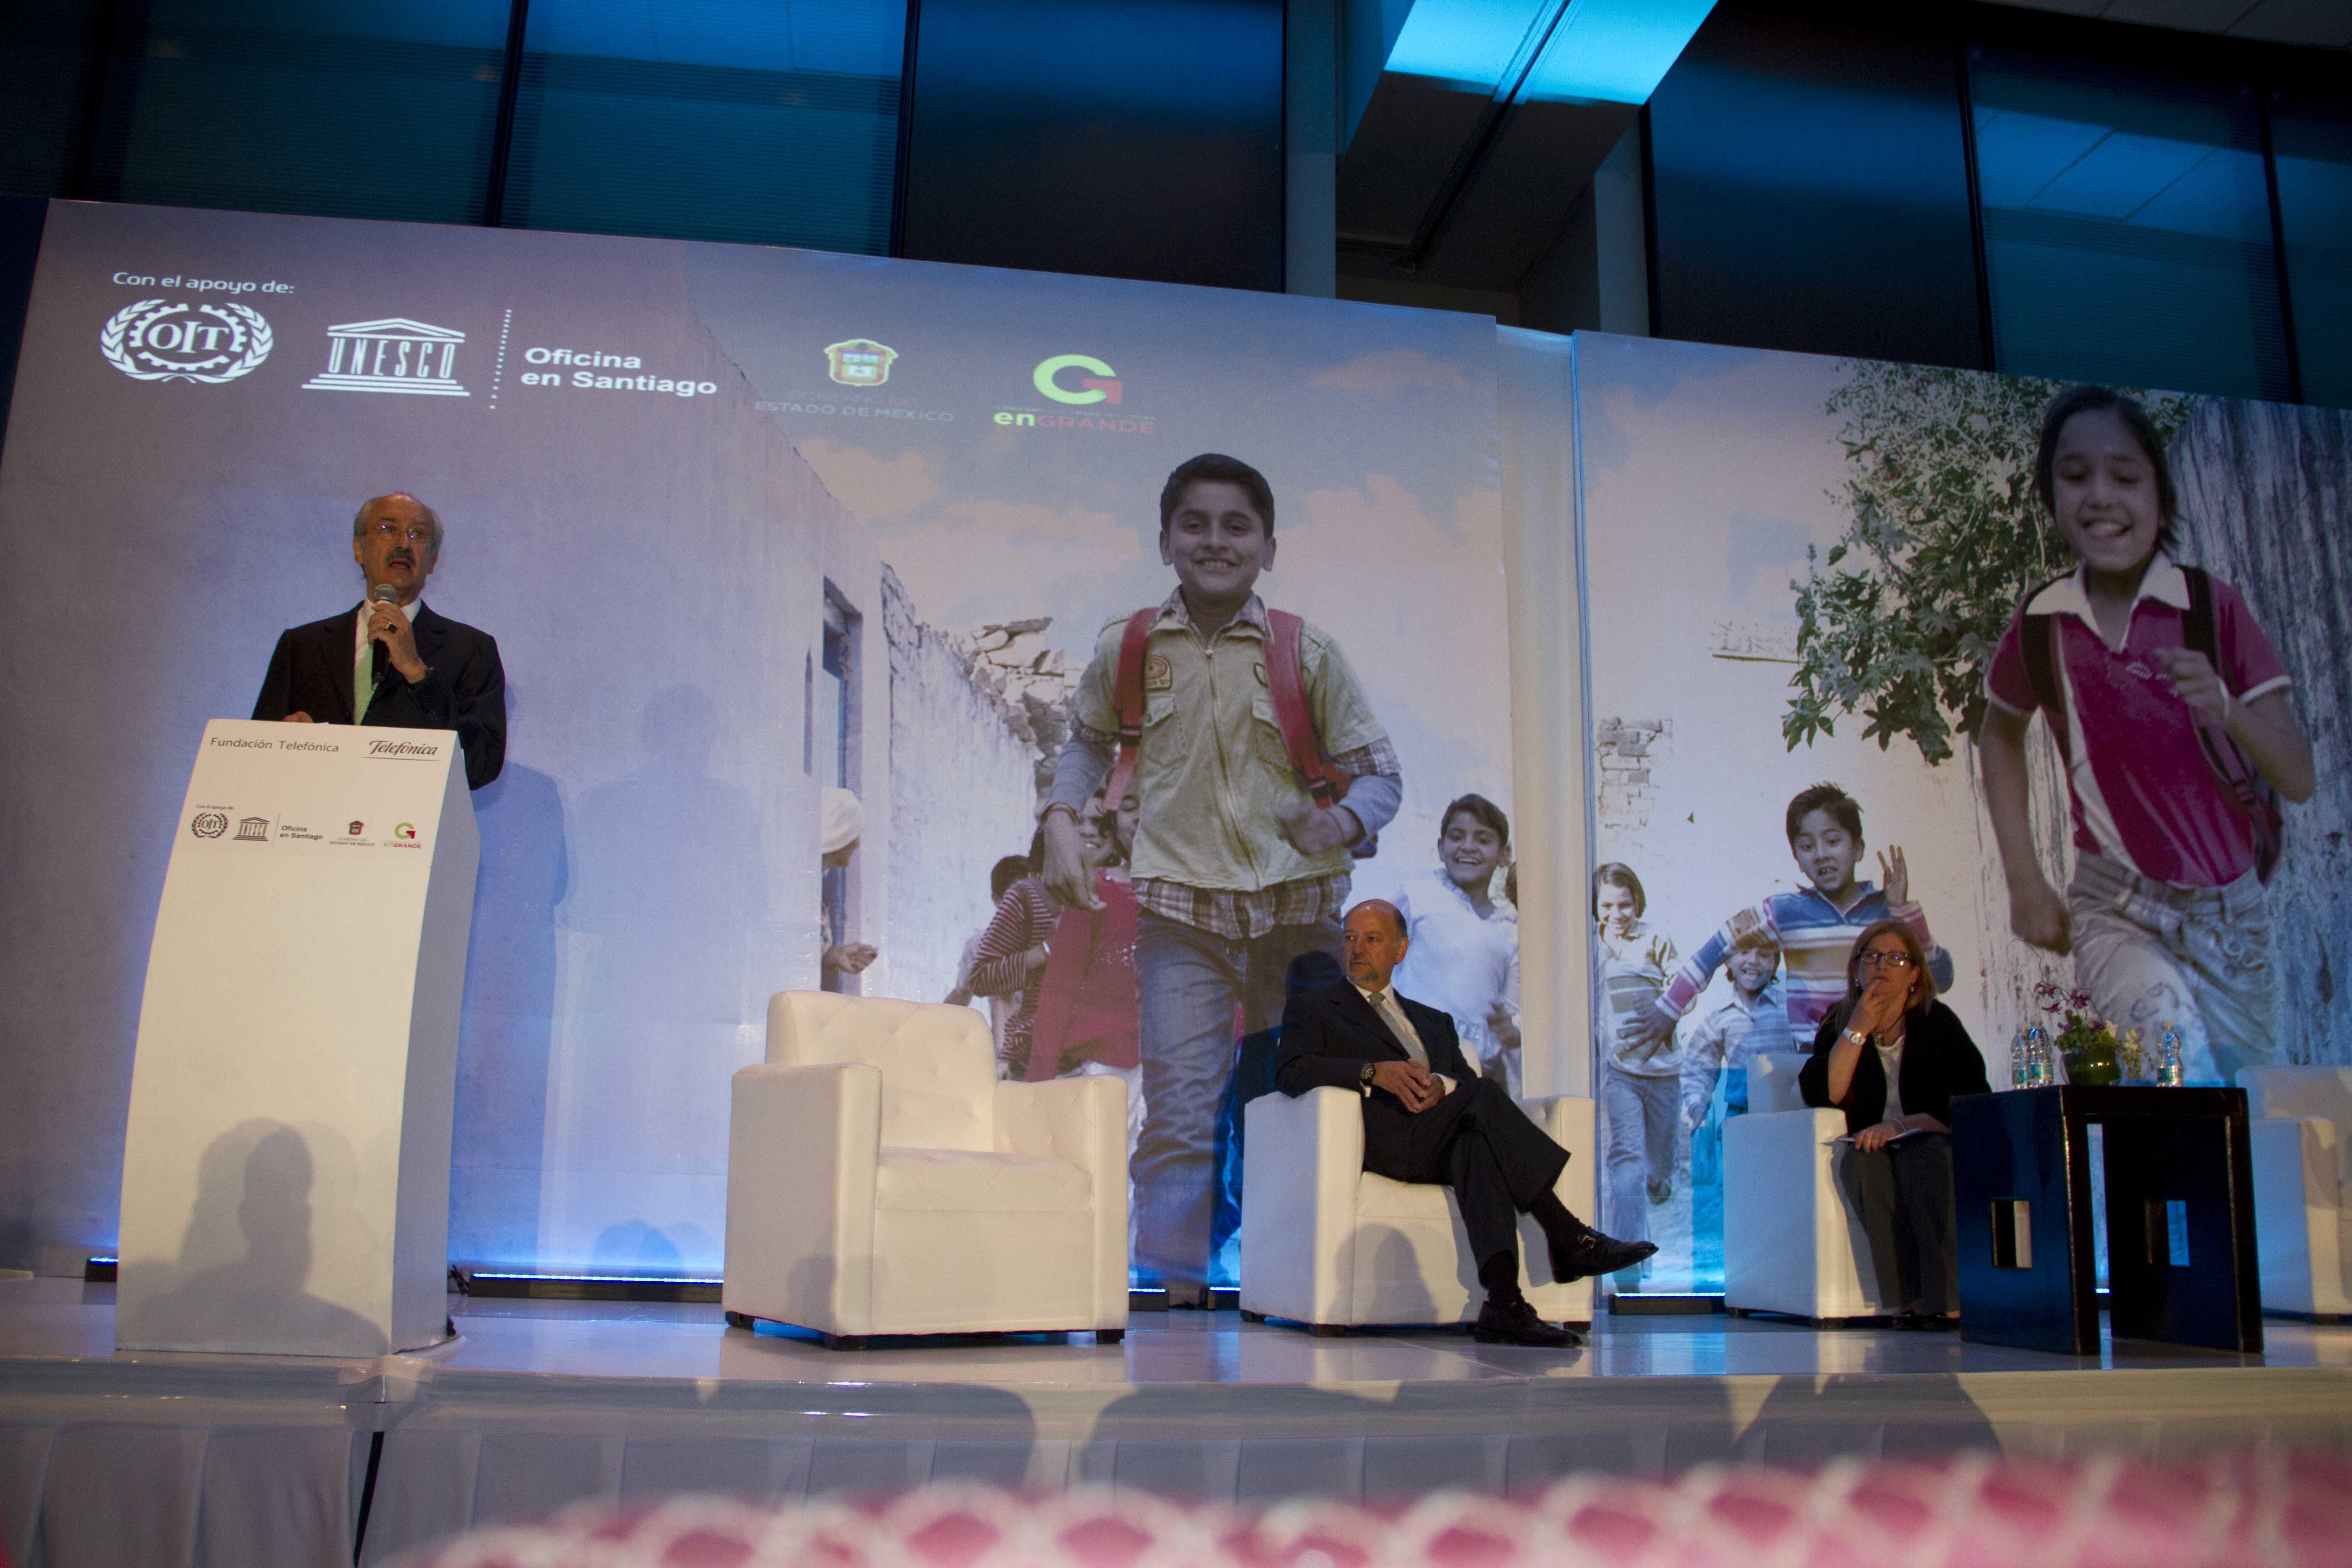 Fundación Telefónica realiza con éxito el IV Encuentro Internacional contra el trabajo infantil